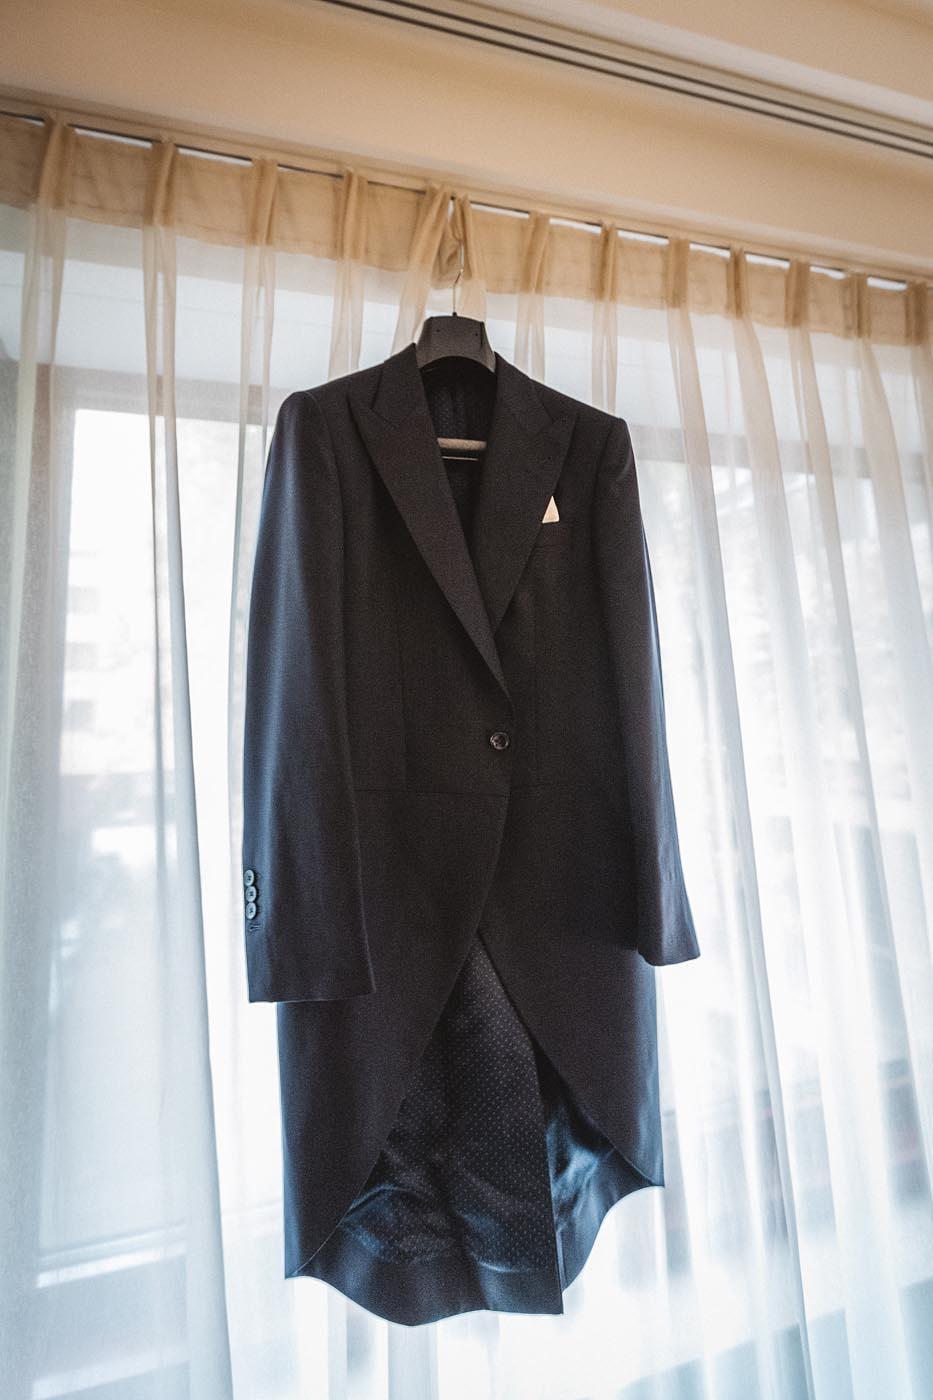 Hochzeitsfotograf Köln Hyatt Regency Hotel Getting Ready Bräutigam